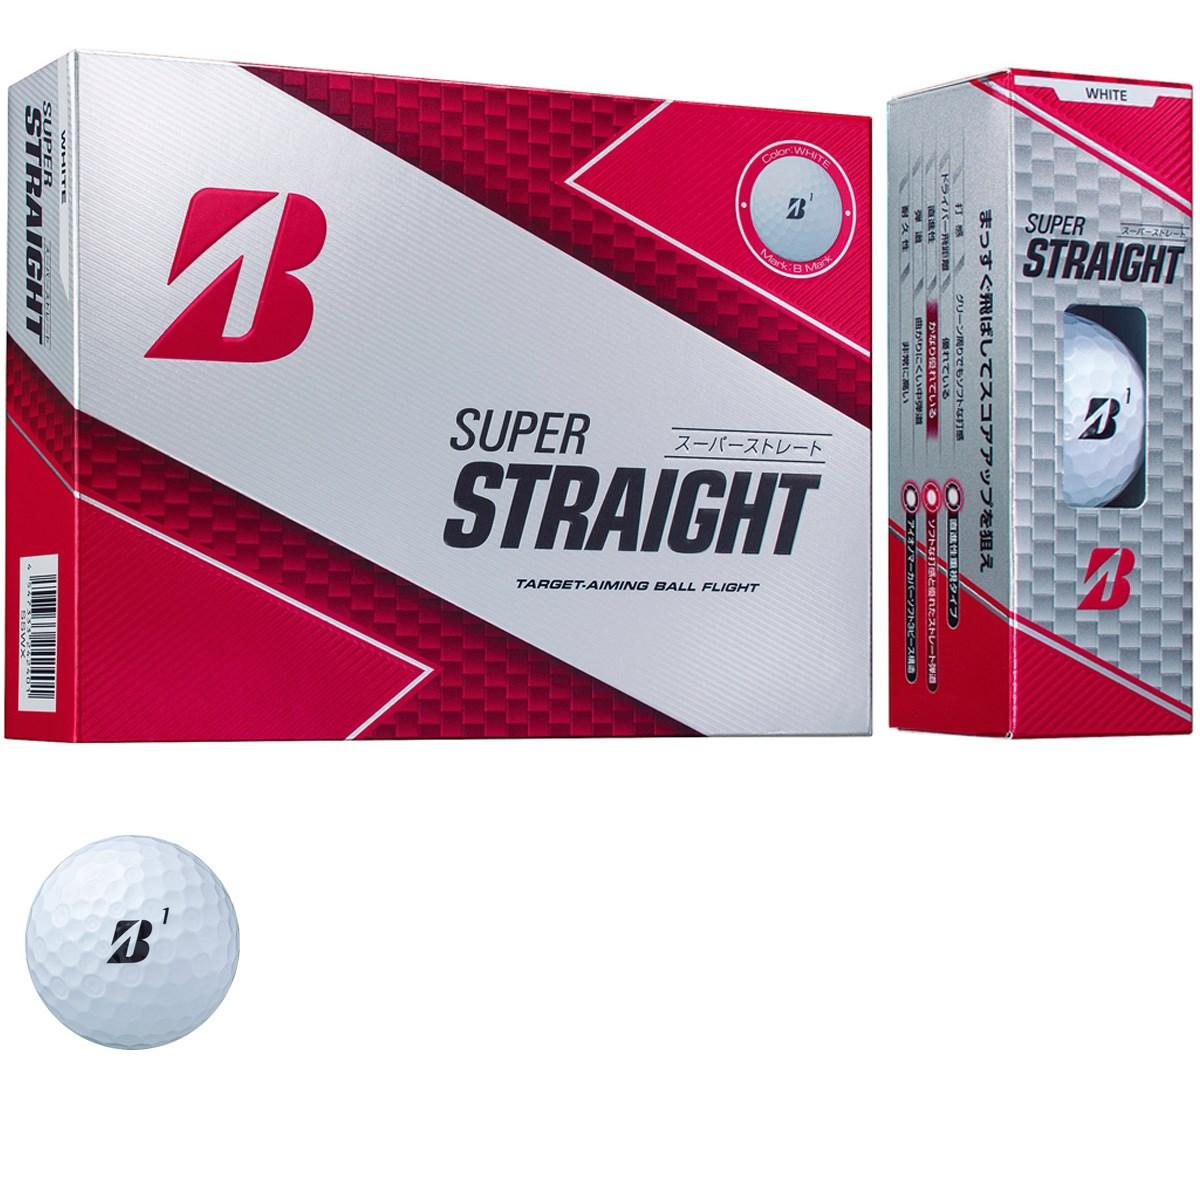 ブリヂストン BRIDGESTONE GOLF SUPER STRAIGHT ボール 1ダース(12個入り) ホワイト